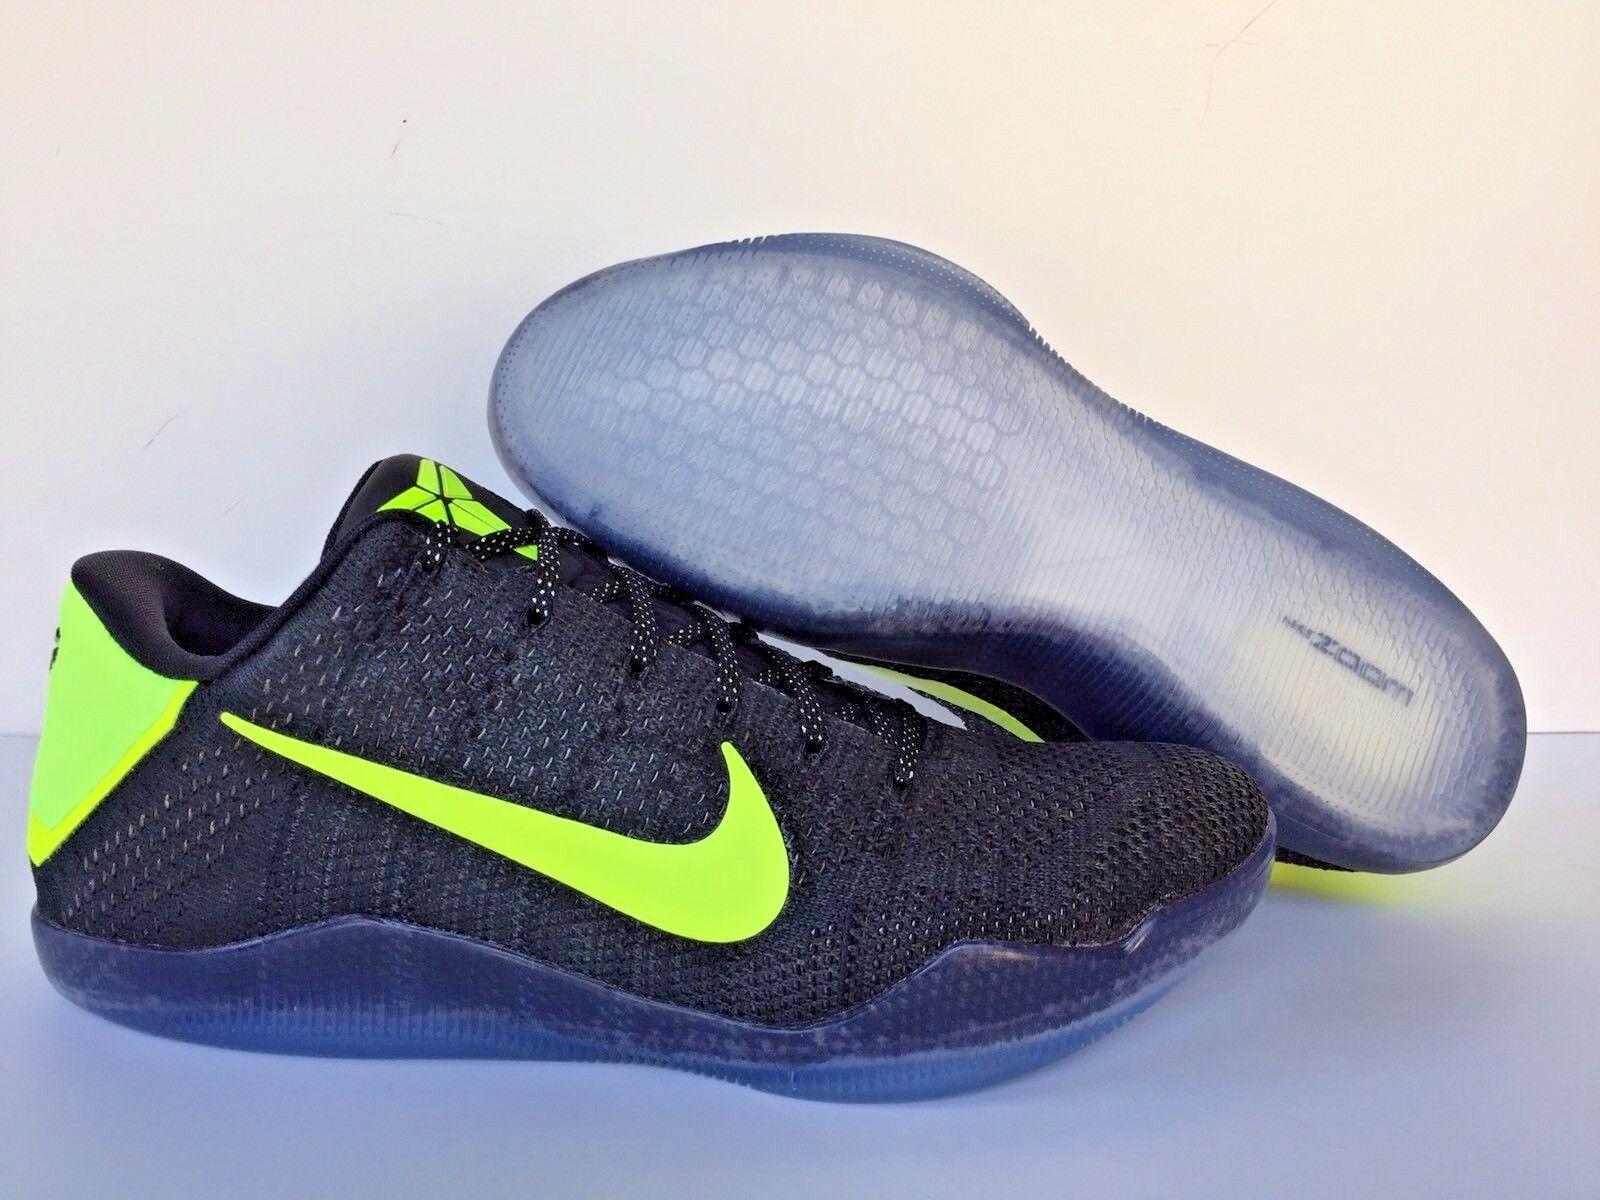 Nike kobe xi elite flyknit id basso nero / verde Uomo sz - 903710-992]